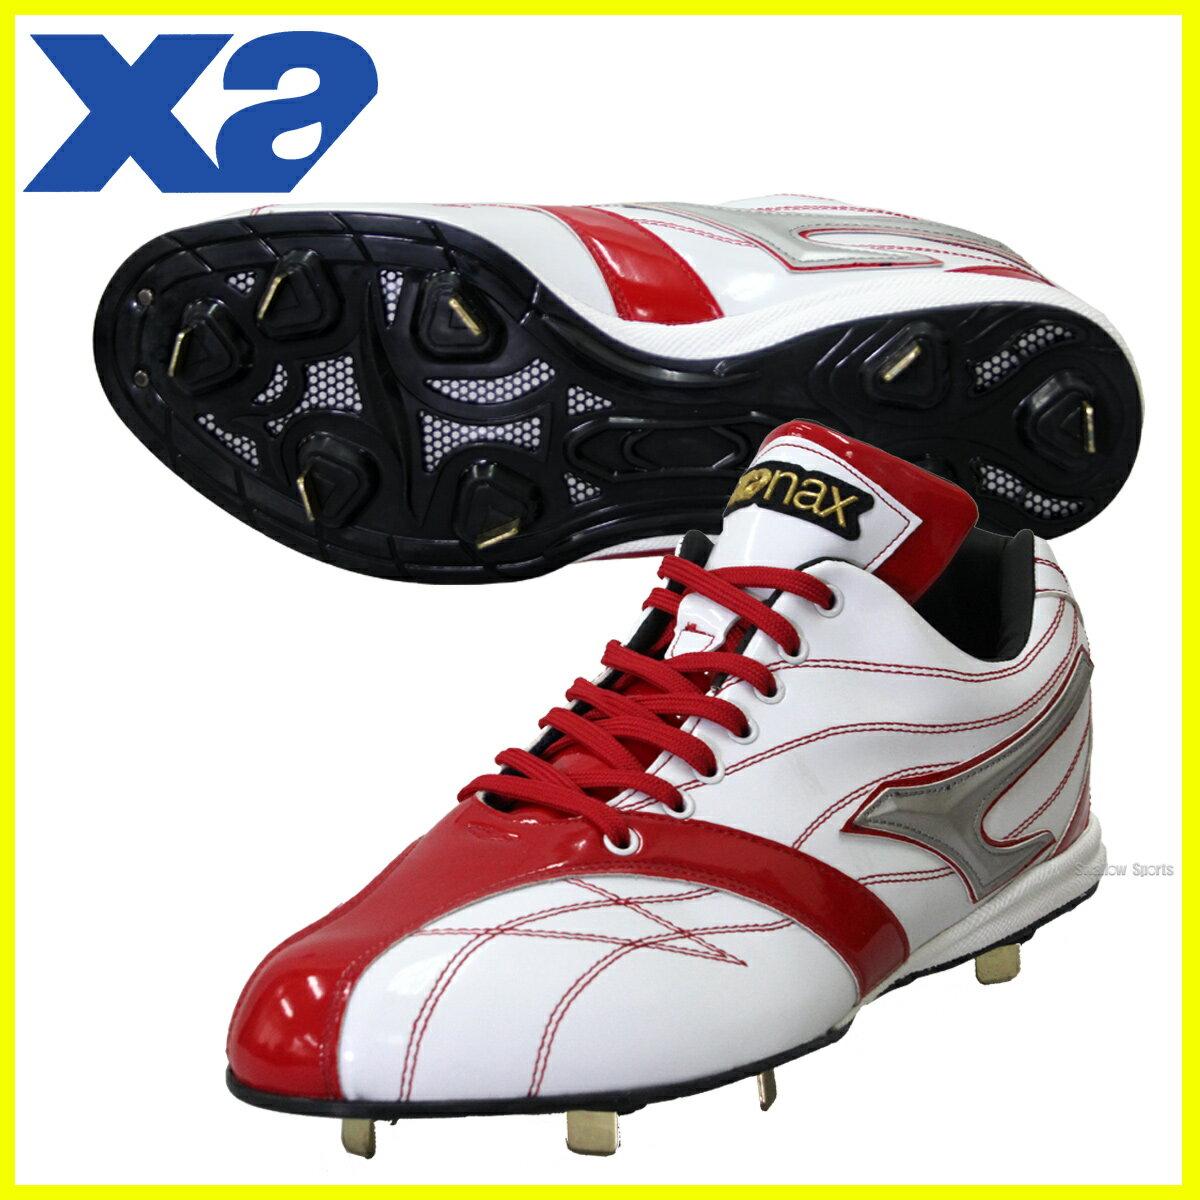 【あす楽対応】 ザナックス 樹脂底 金具 カラースパイク ウイングエアー BS-604AL スパイク Xanax 【Sale】 野球用品 スワロースポーツ